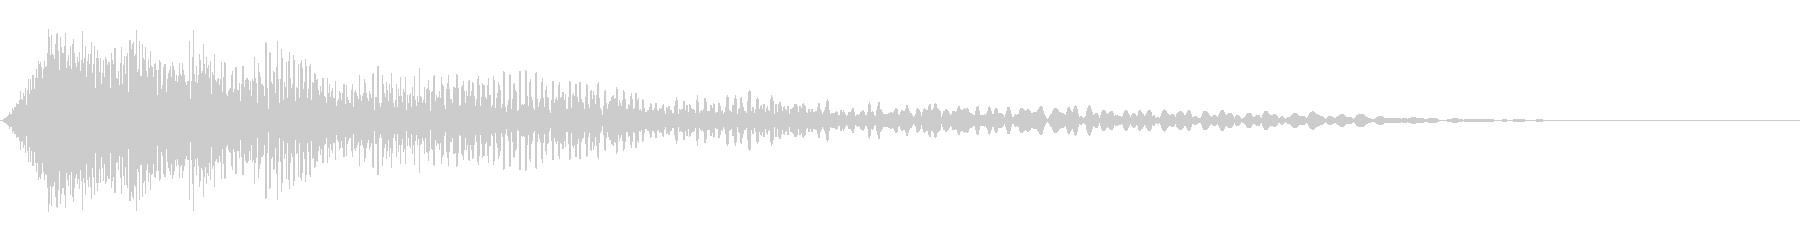 機能停止・シャットダウン・インパクト音の未再生の波形